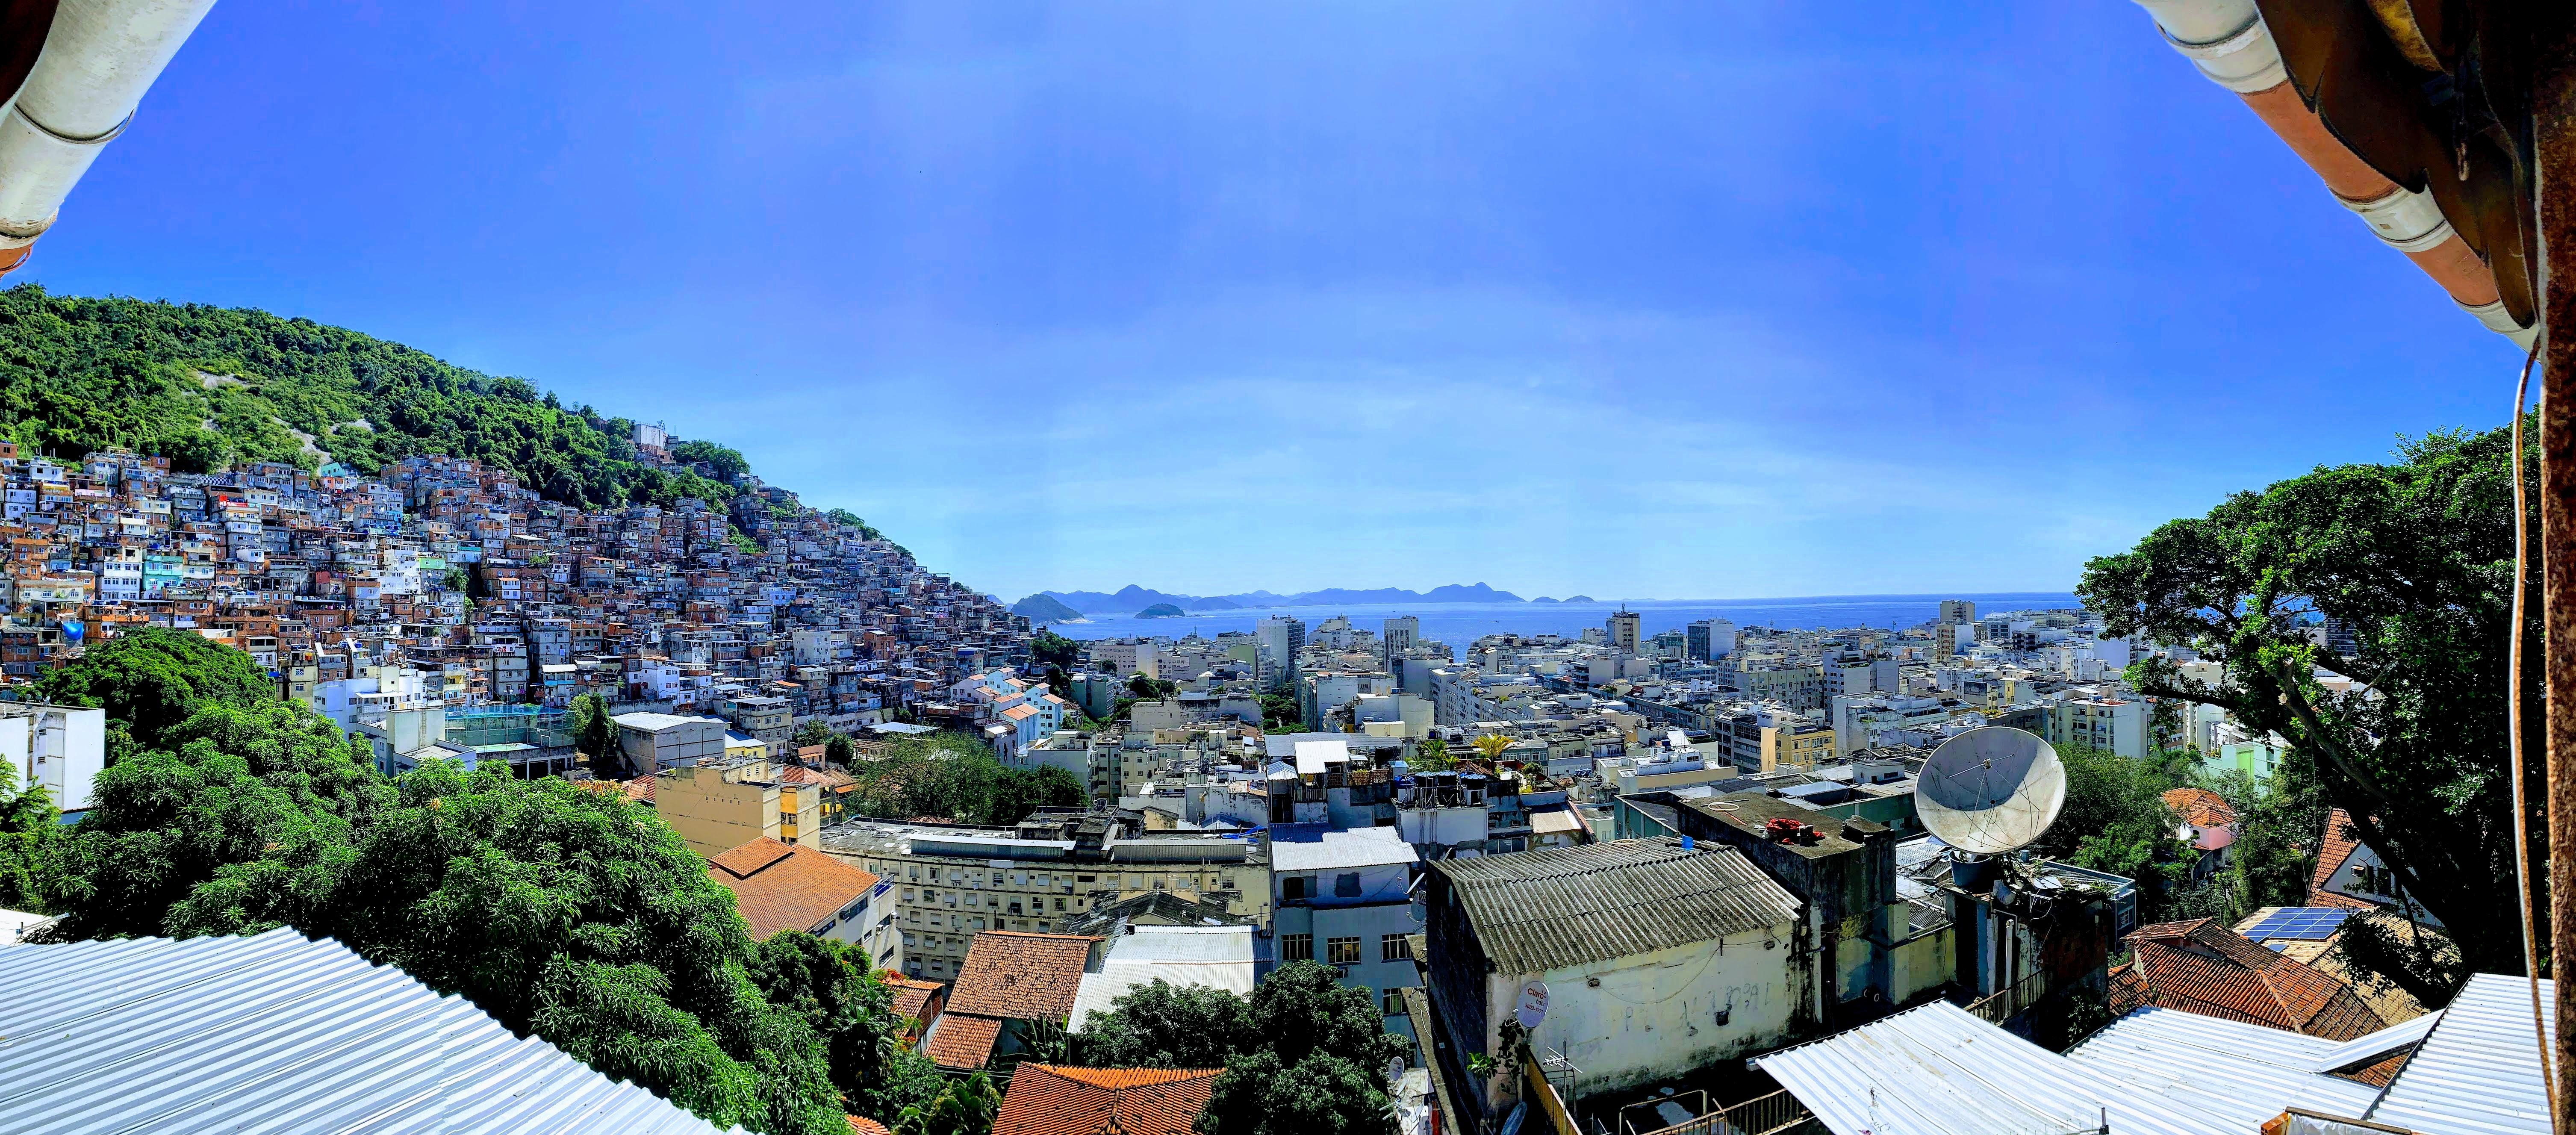 View from a favela in Rio de Janeiro, Brazil